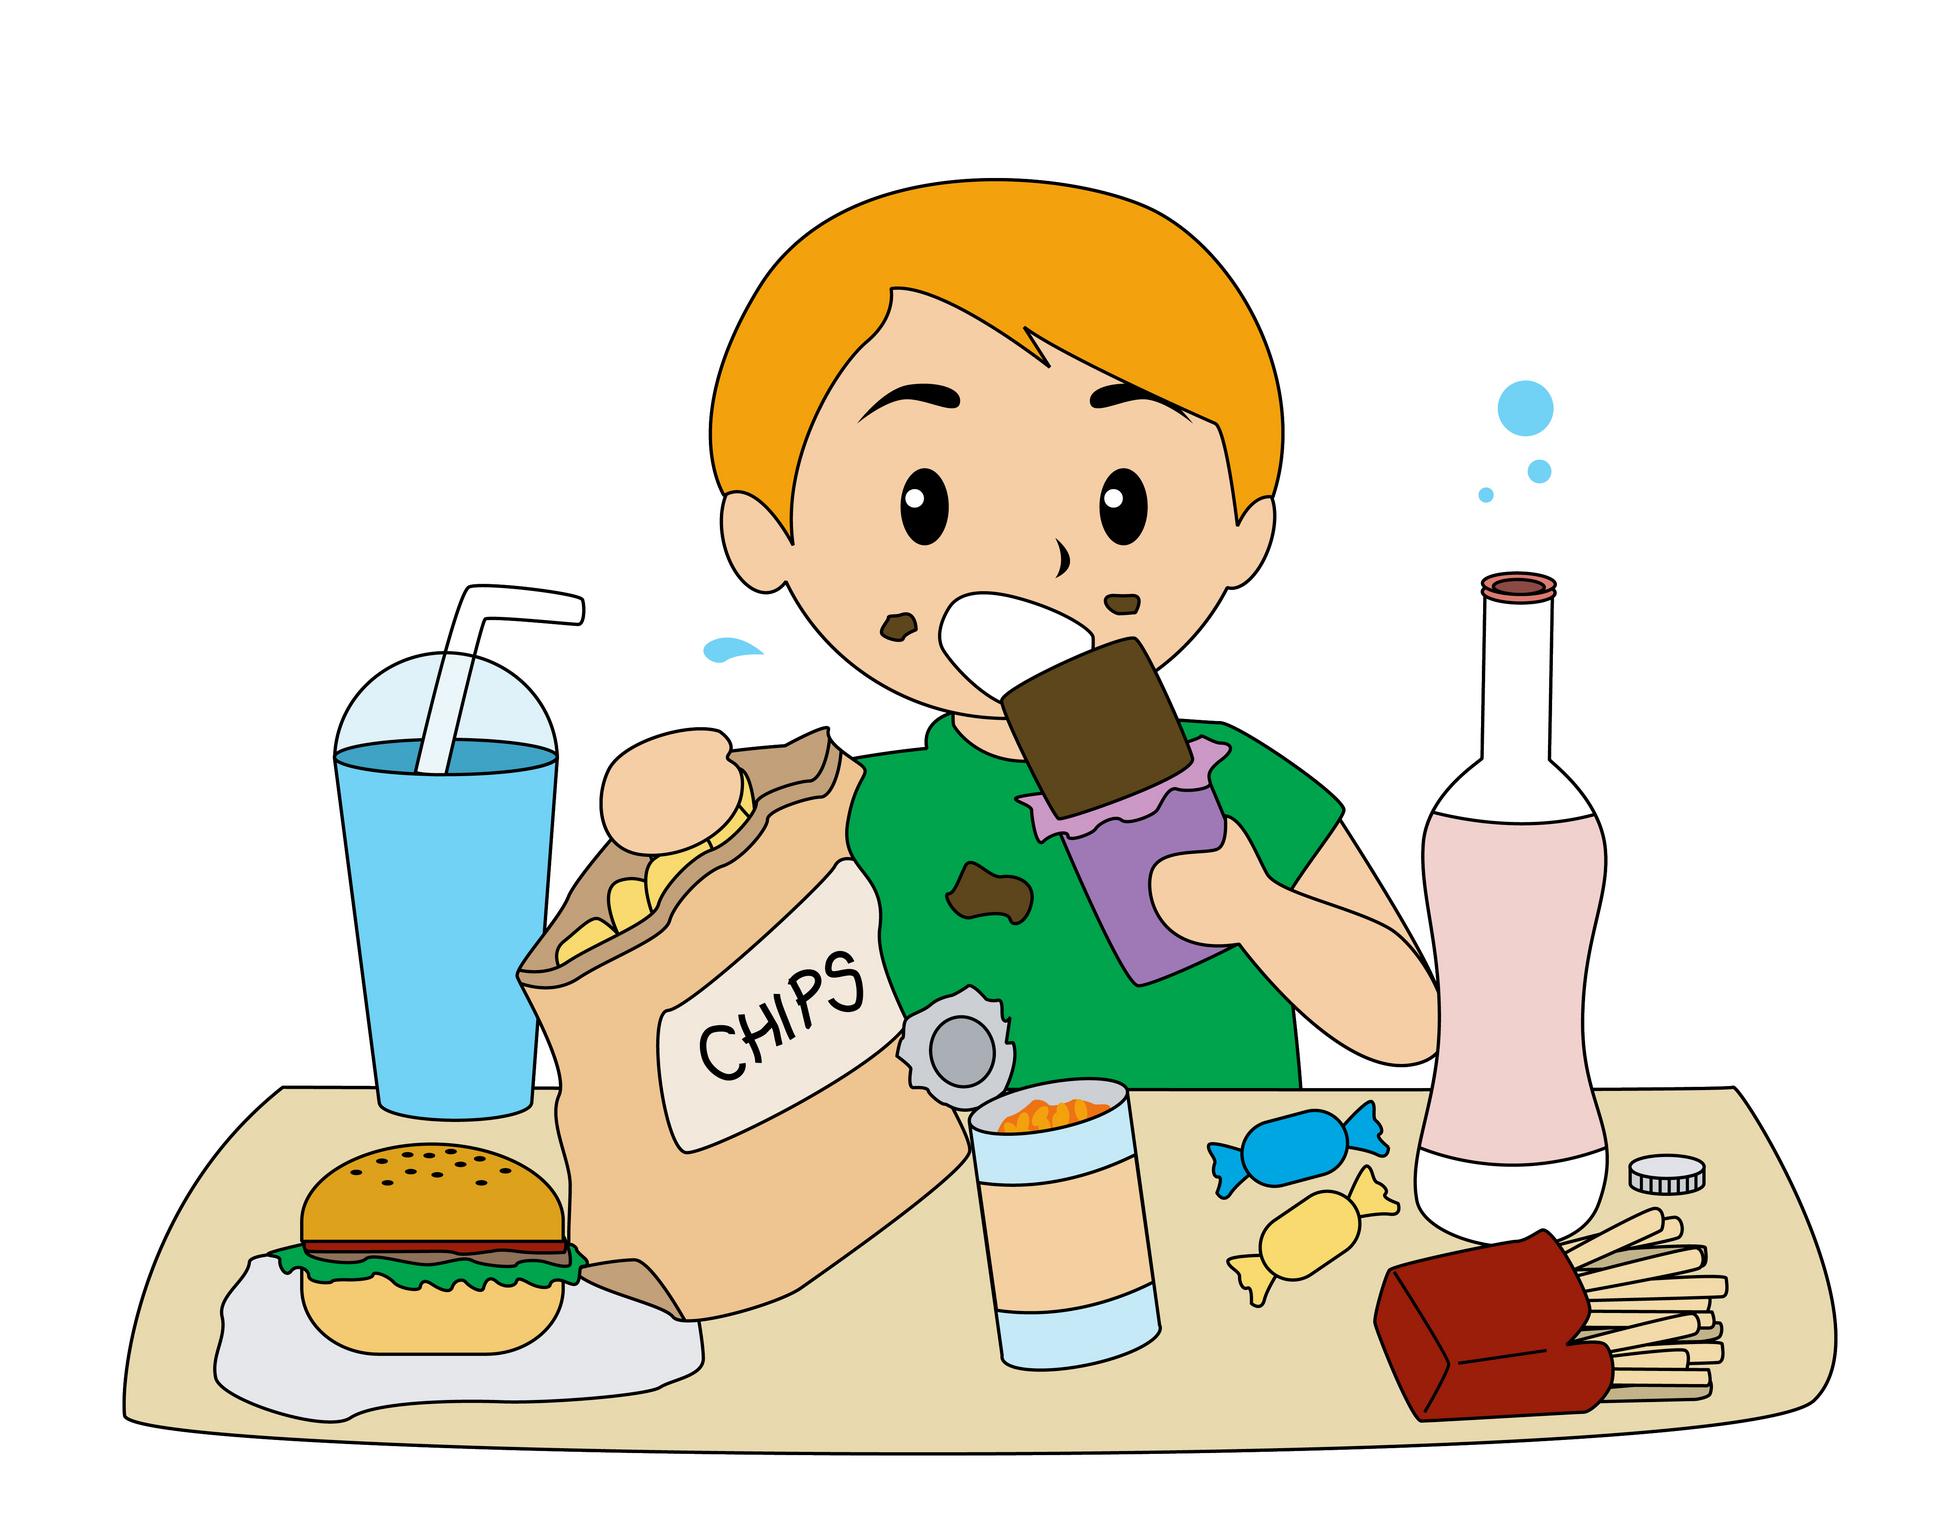 Bad clipart bad habit. Habits for kids station